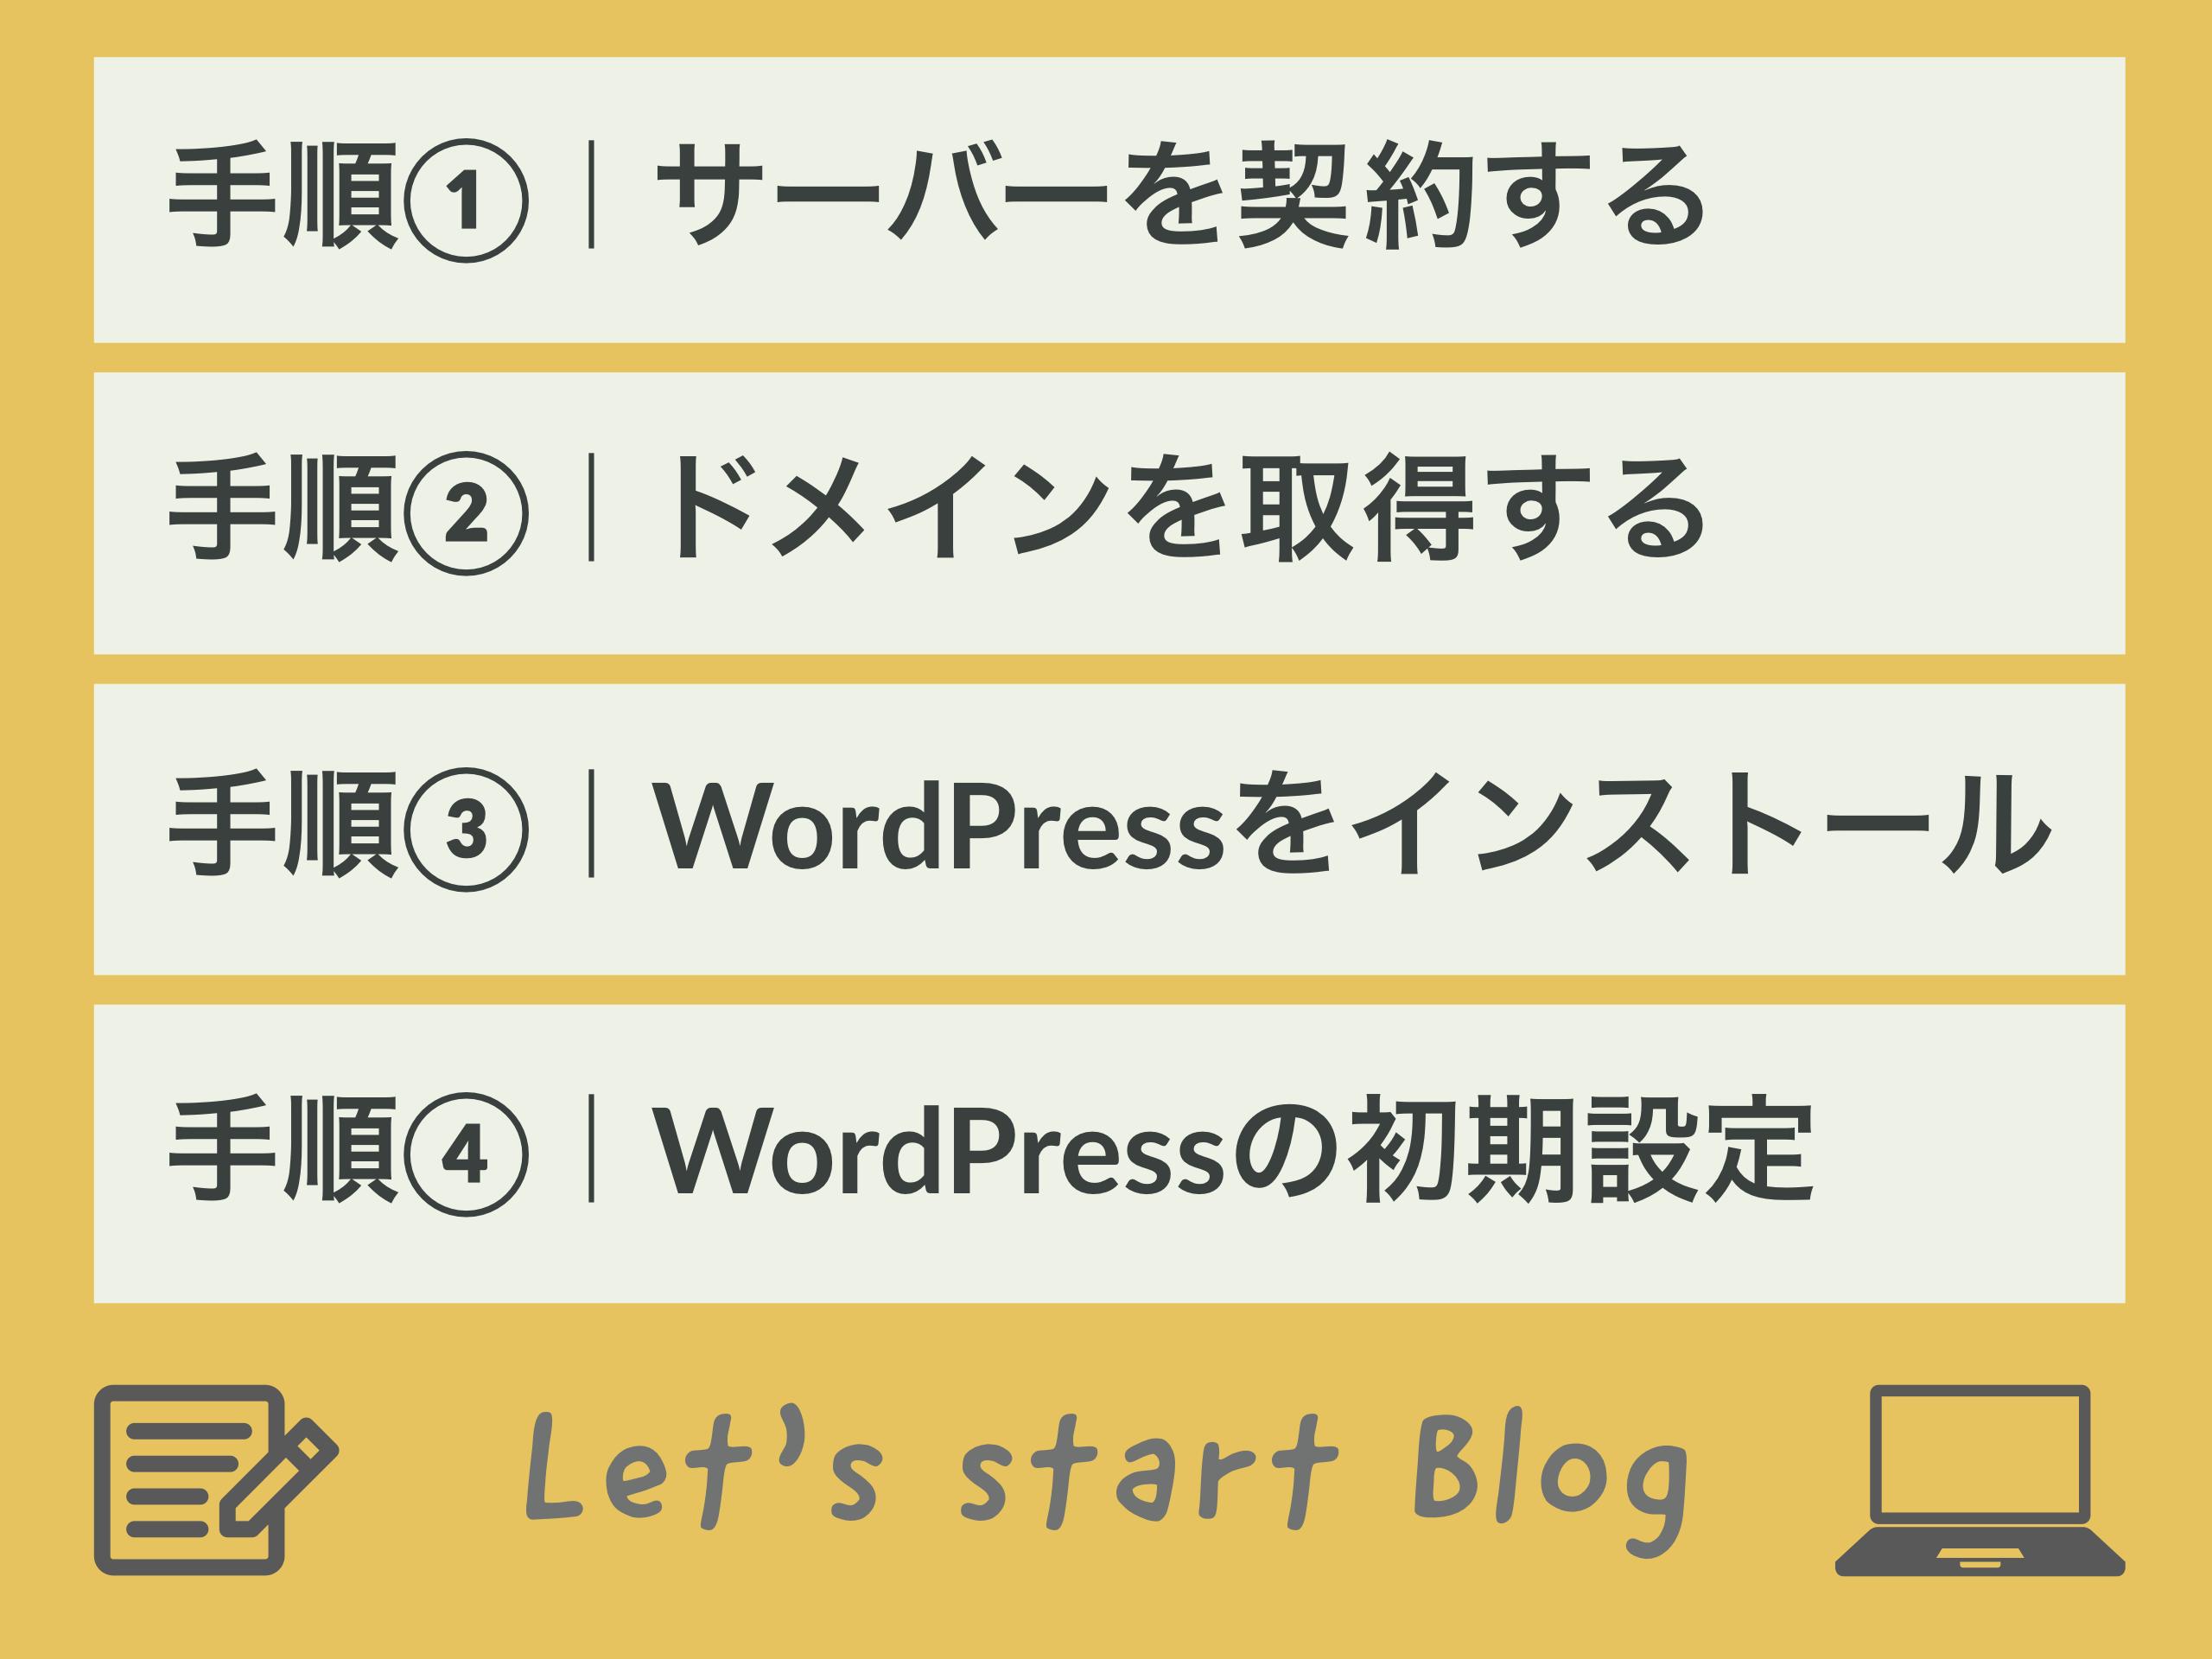 ブログを立ち上げる4ステップ